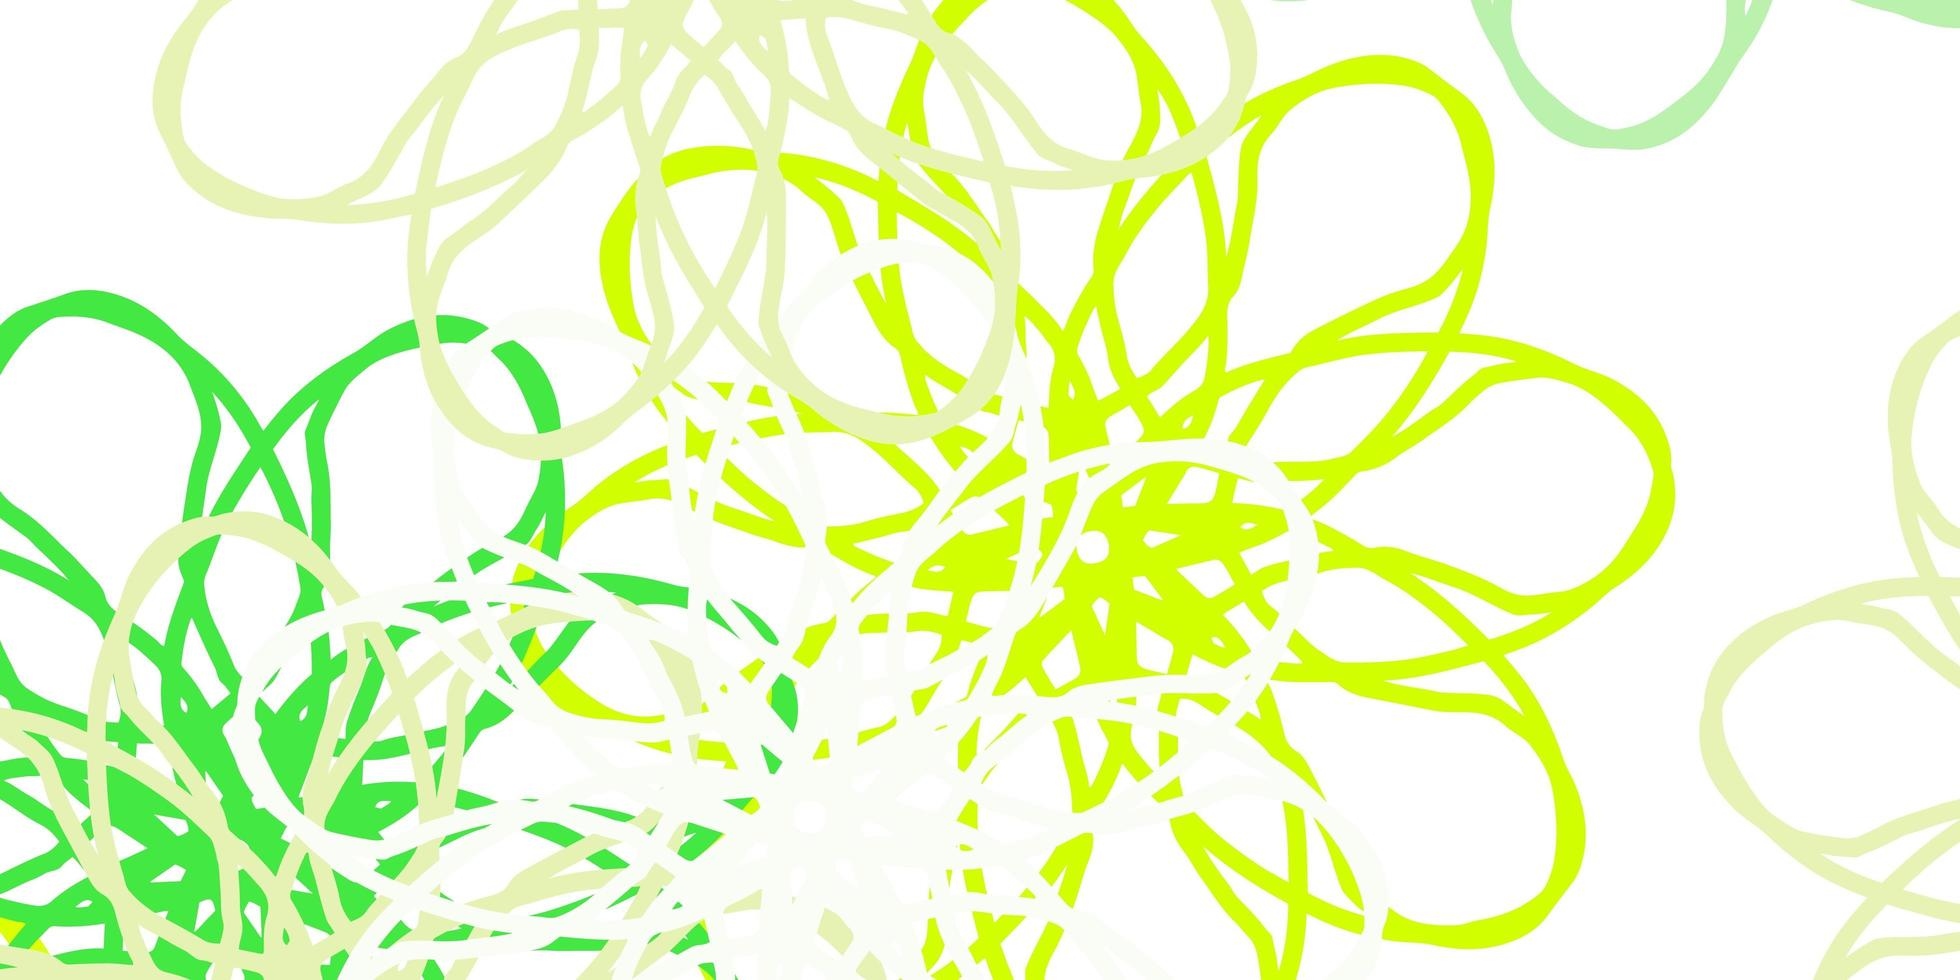 ljusgrön, gul vektor naturligt konstverk med blommor.